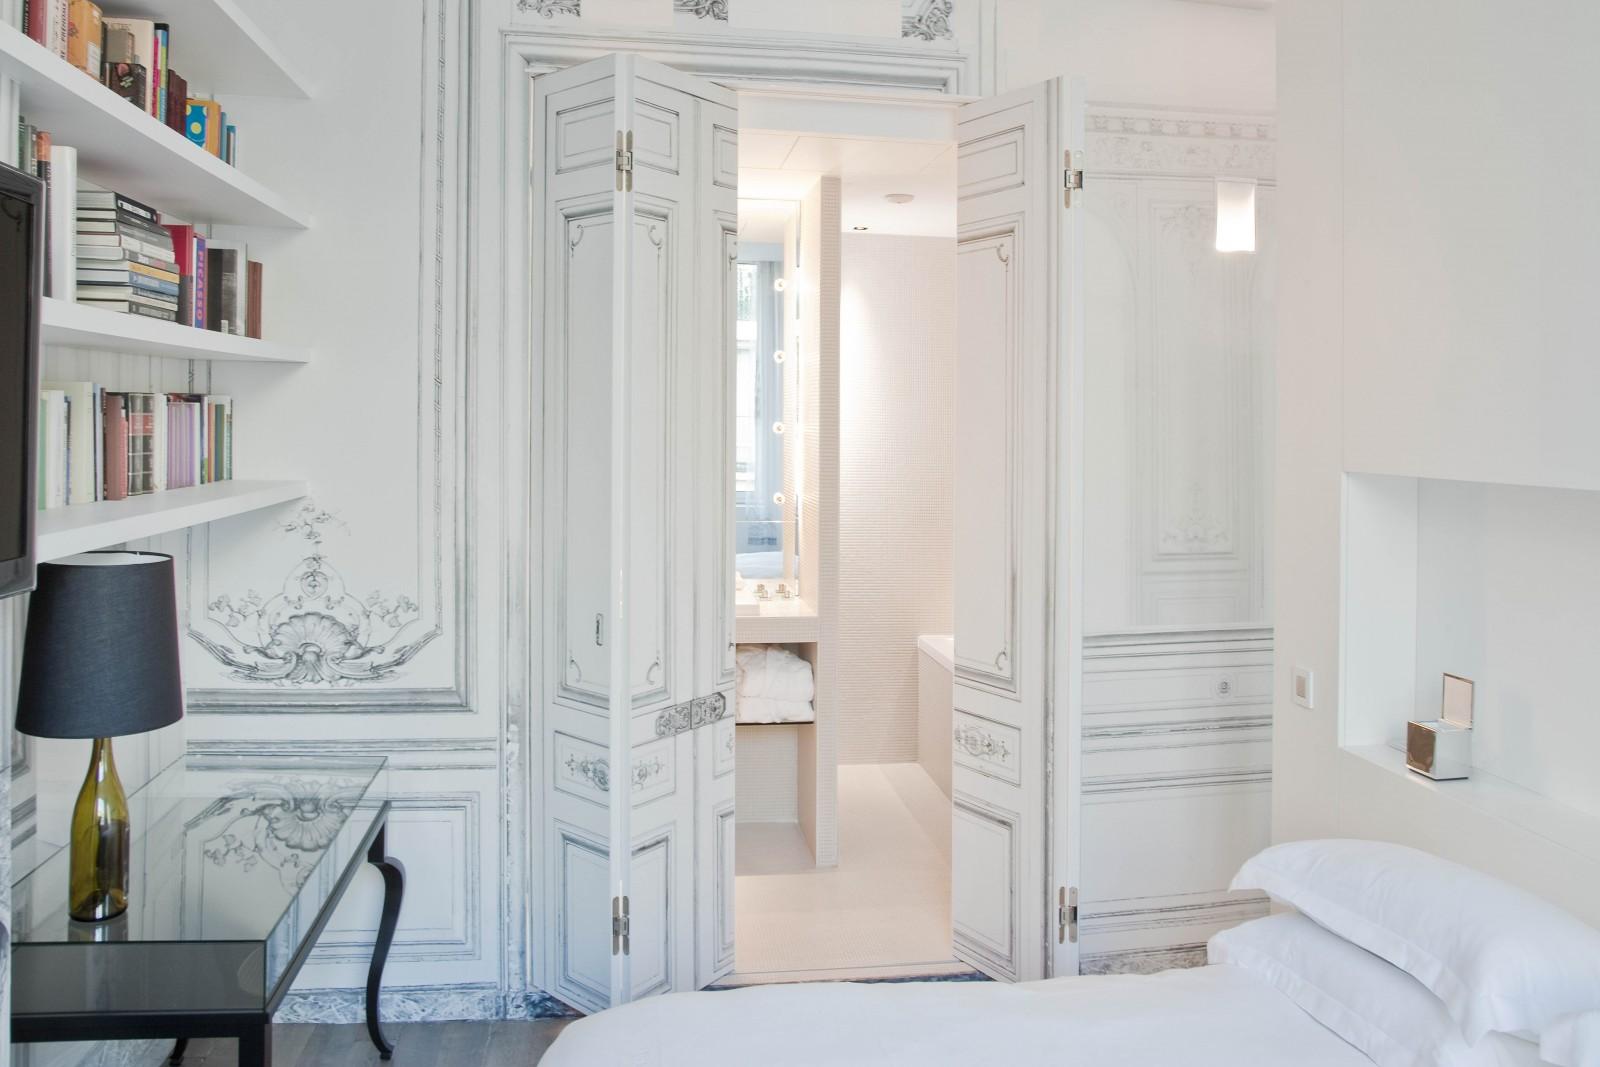 Maison martin margiela pour la maison champs elys es - La maison champs elysees hotel ...